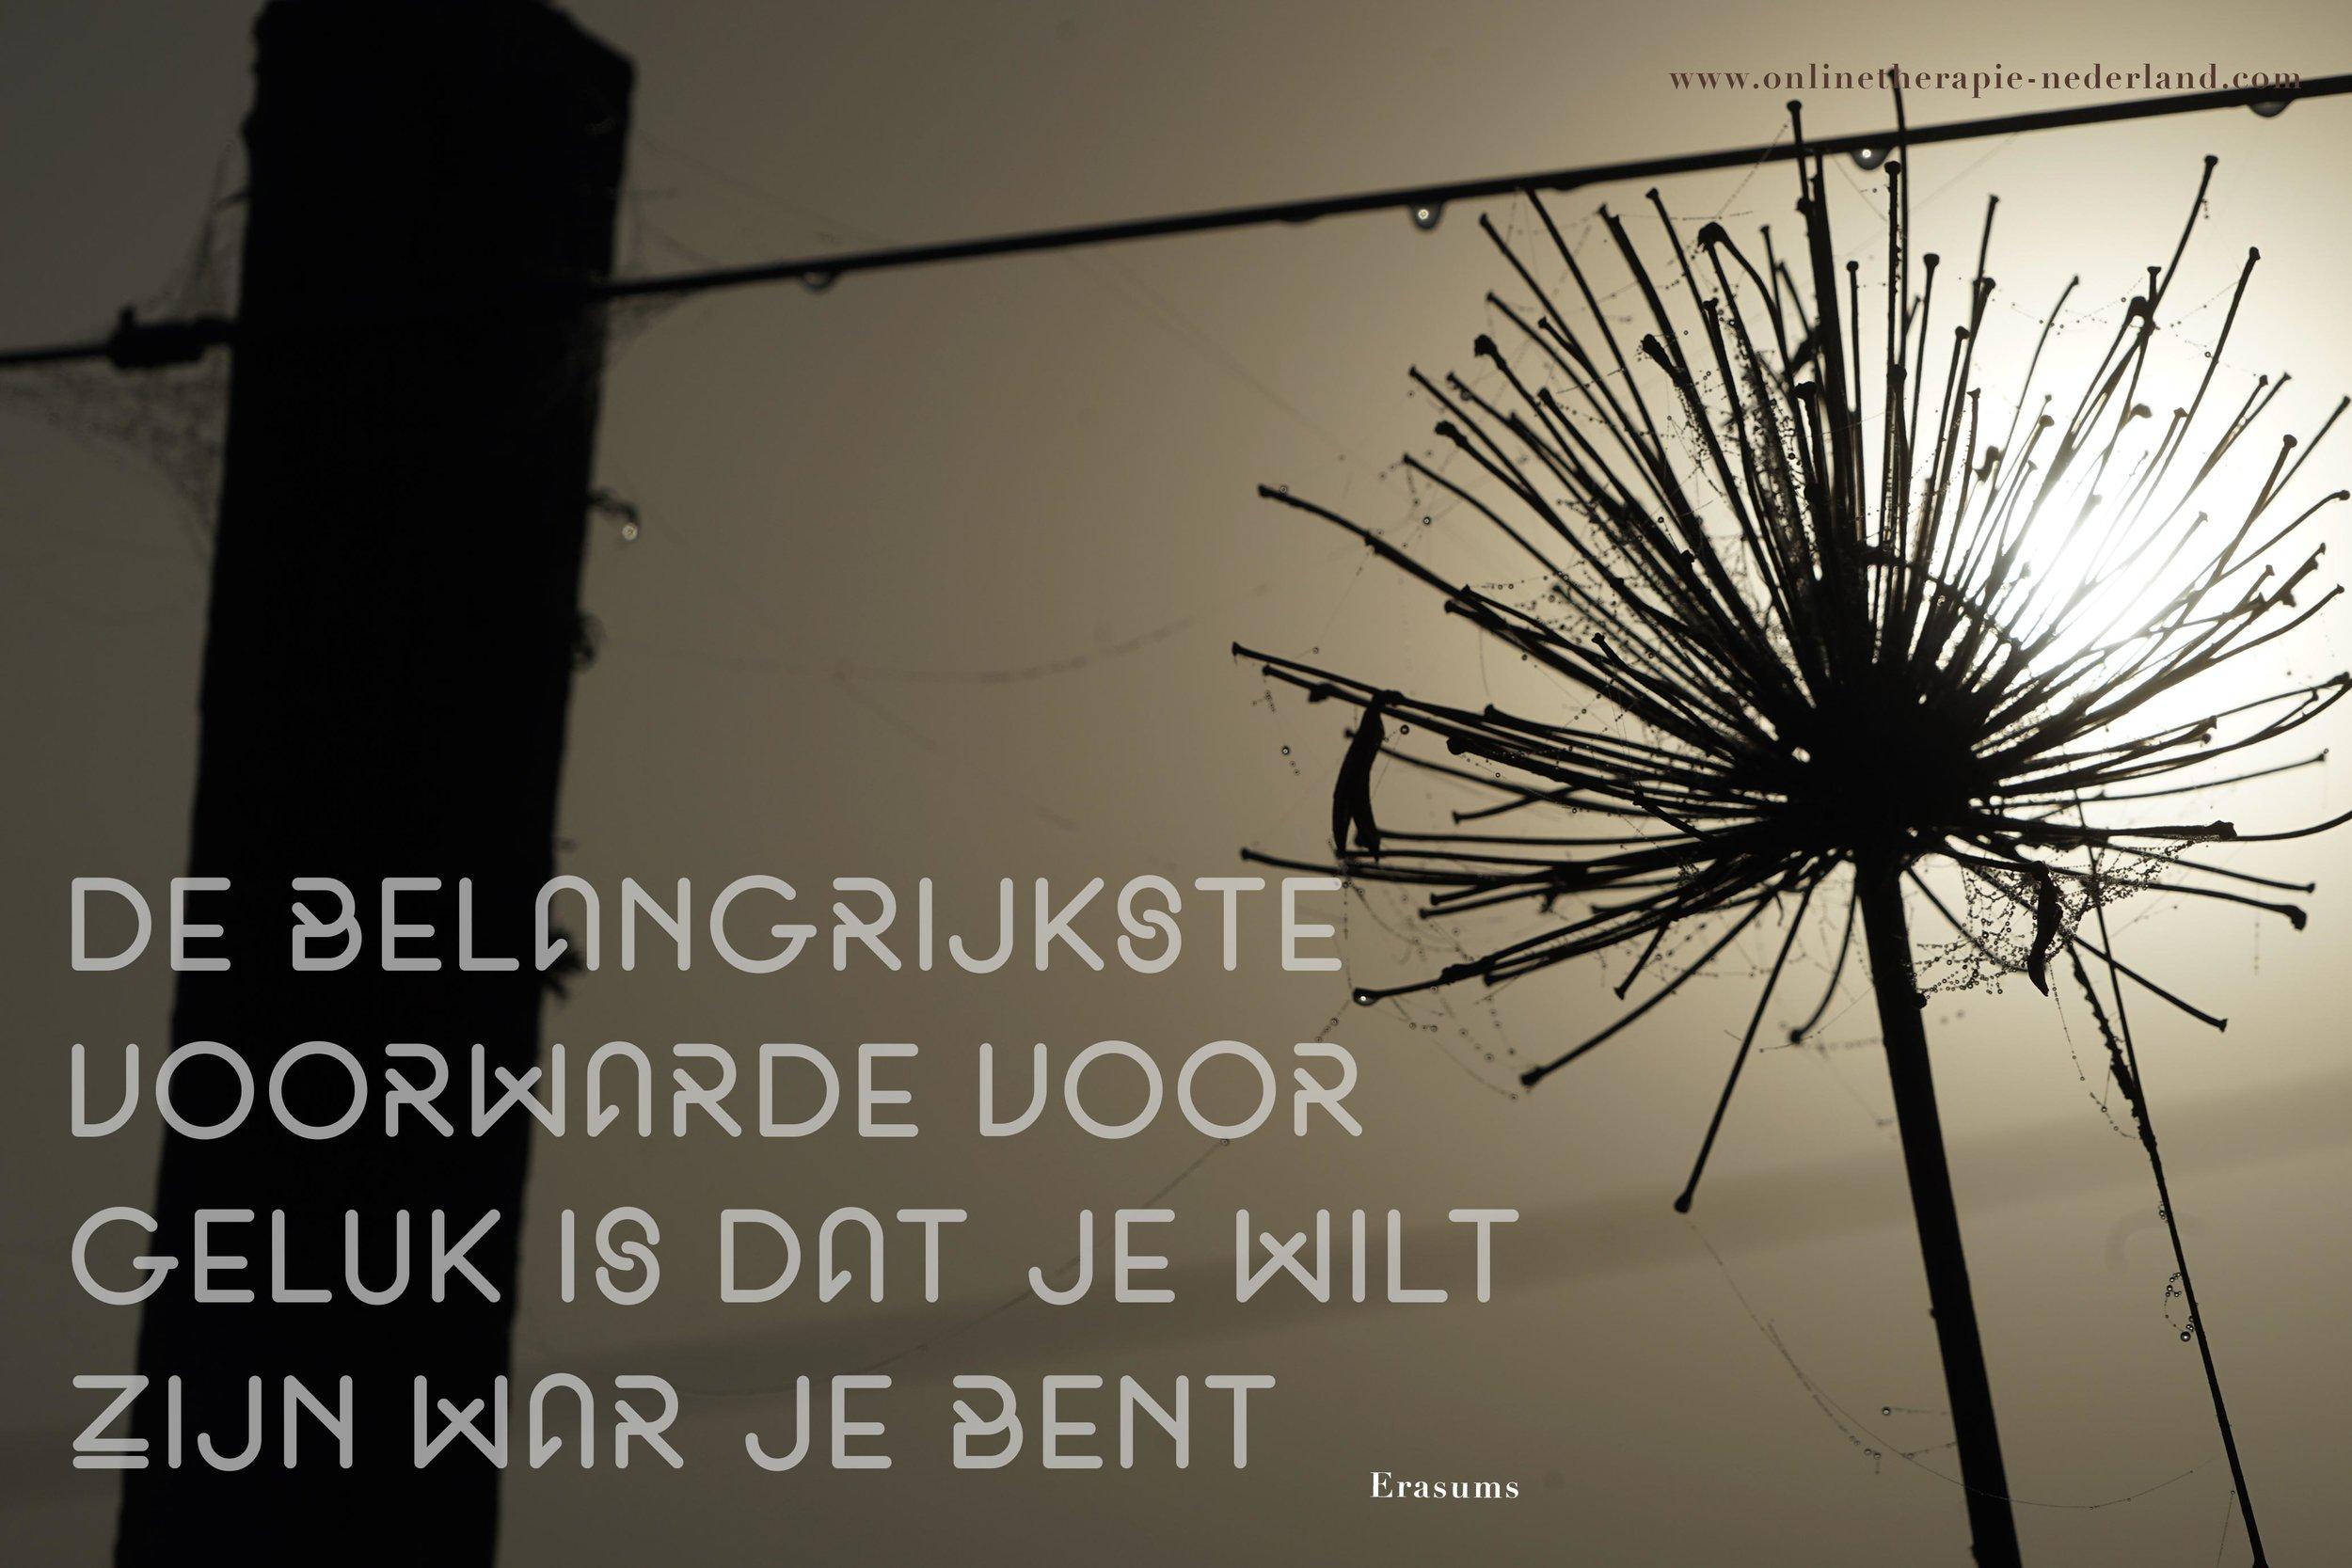 onlinetherapie-nederland-06.jpg